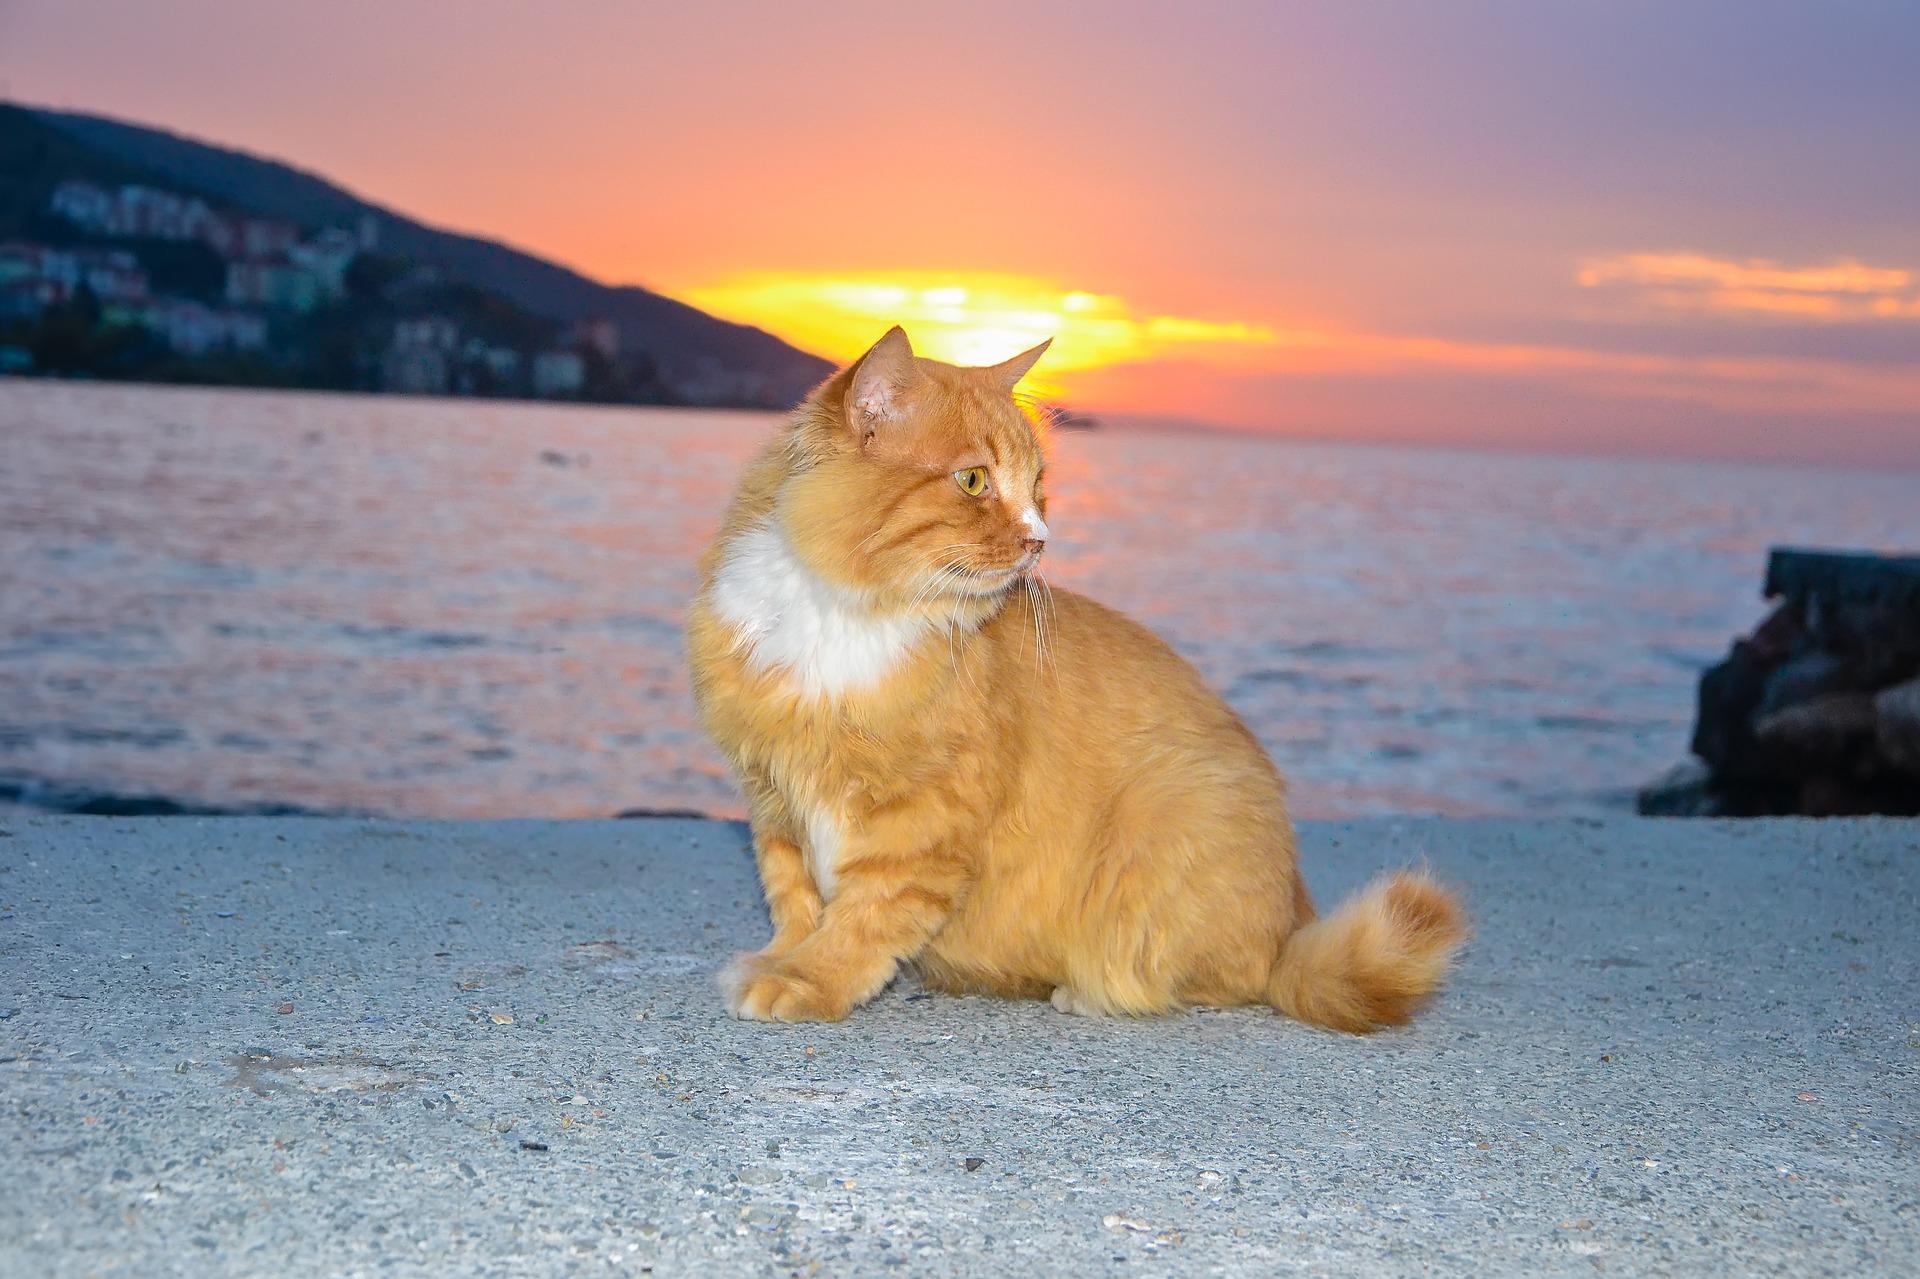 Gata esperando gatitos